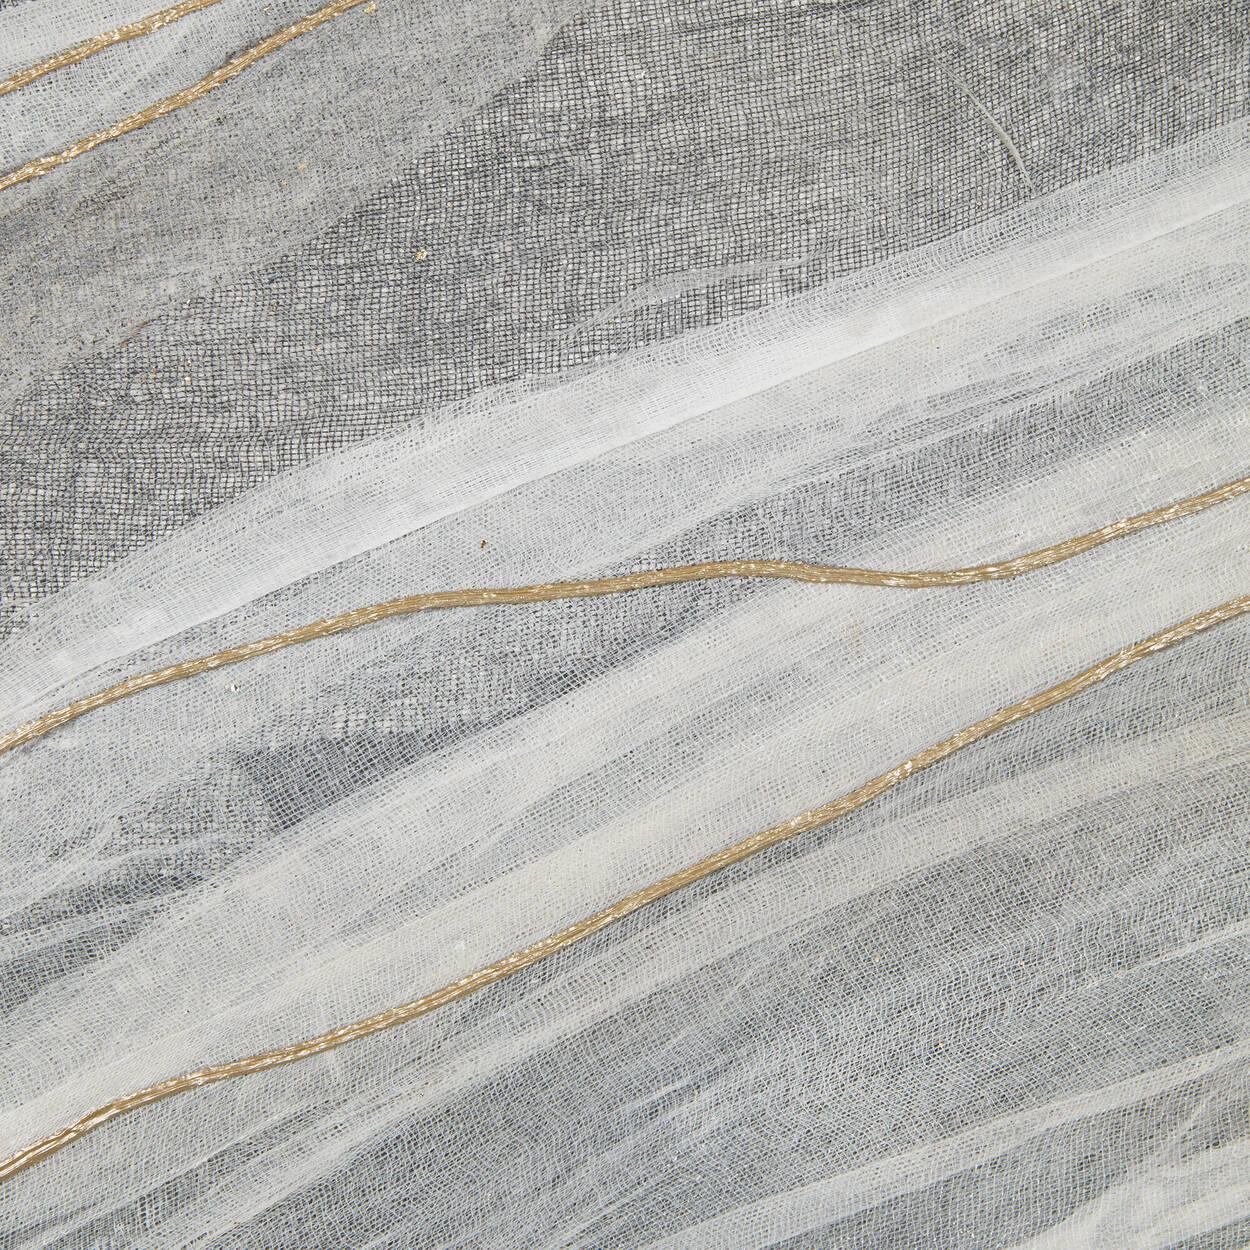 Tableau vagues abstraites peint à l'huile